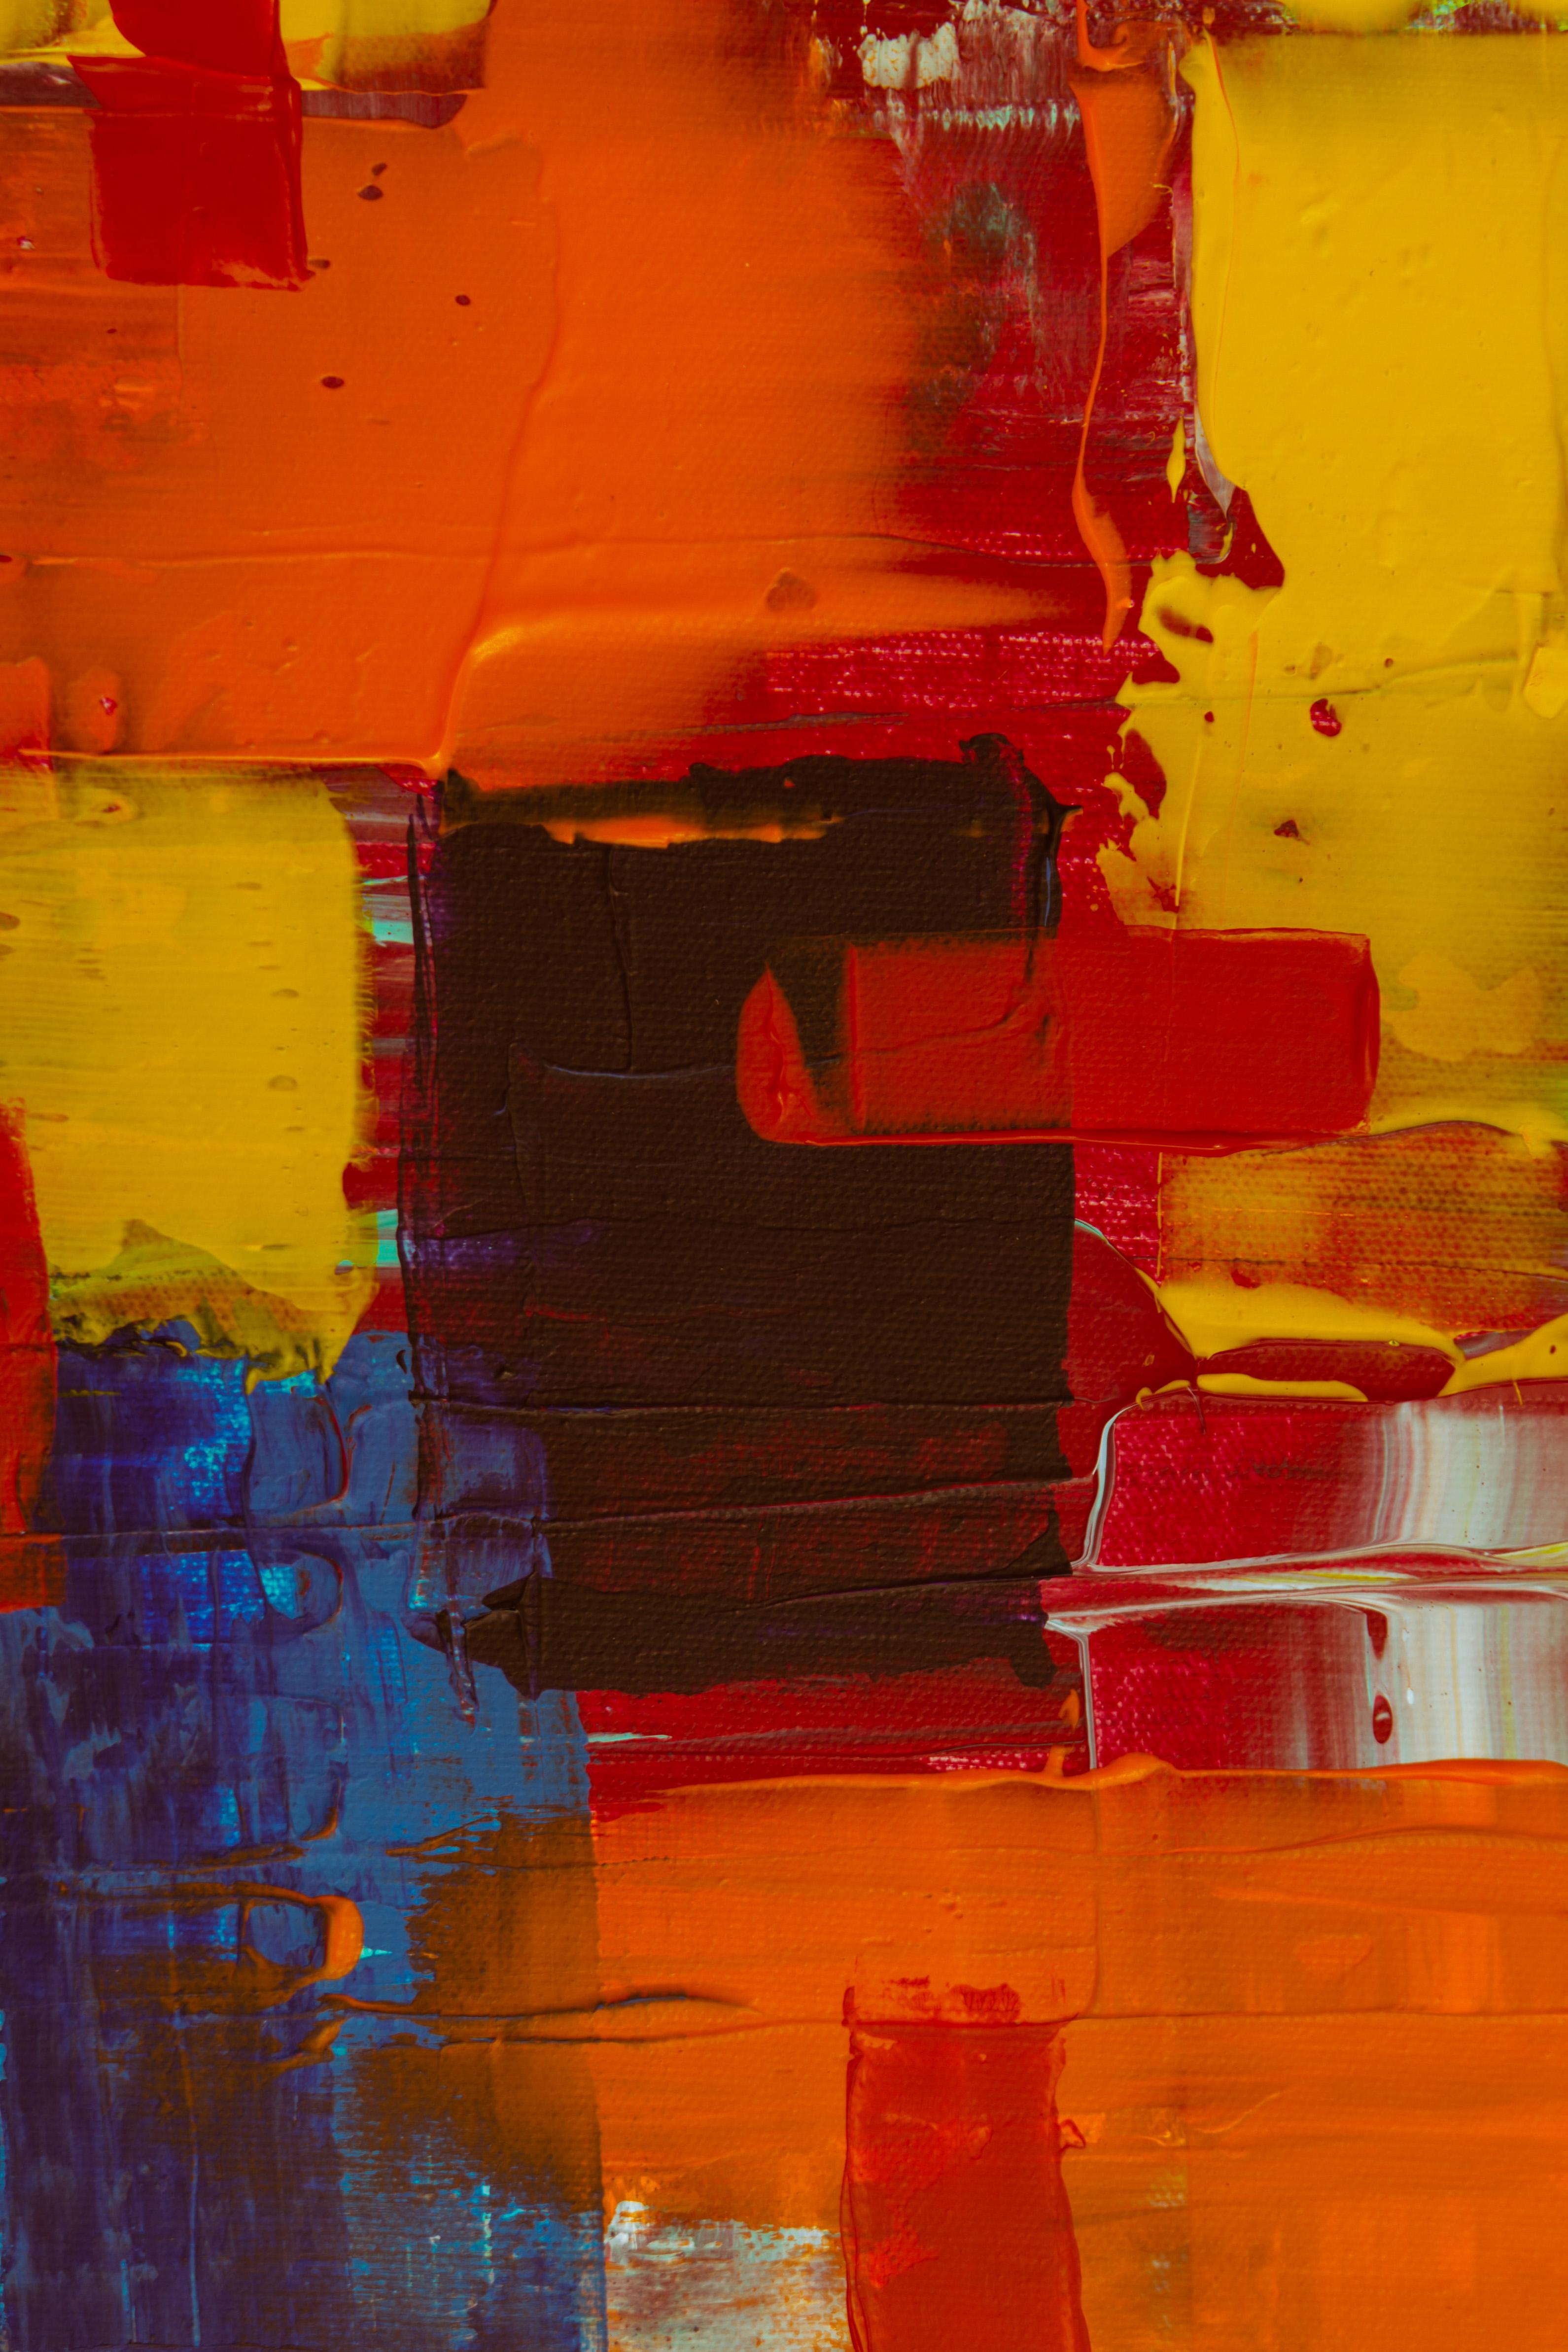 96379 Protetores de tela e papéis de parede Abstrato em seu telefone. Baixe Abstrato, Arte, Pintar, Moderno, Tela De Pintura, Lona fotos gratuitamente